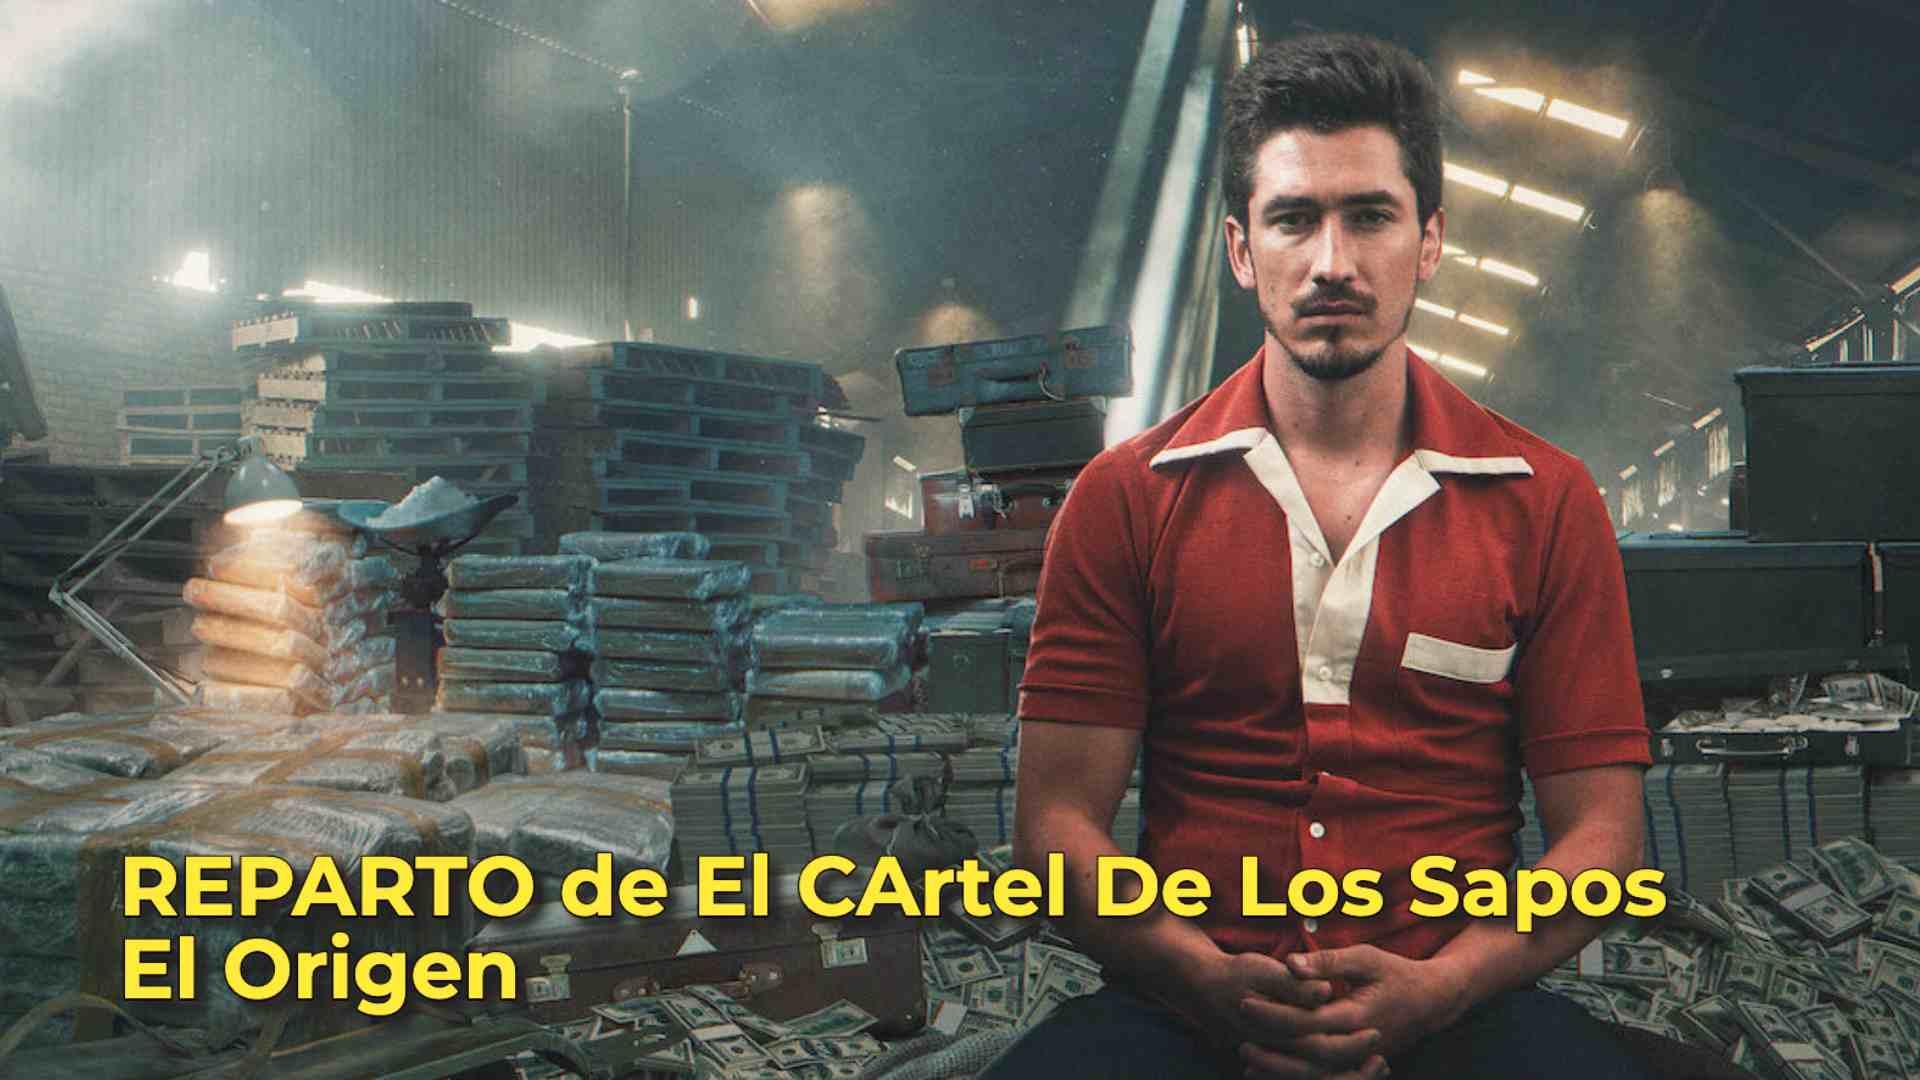 REPARTO de El CArtel De Los Sapos El Origen